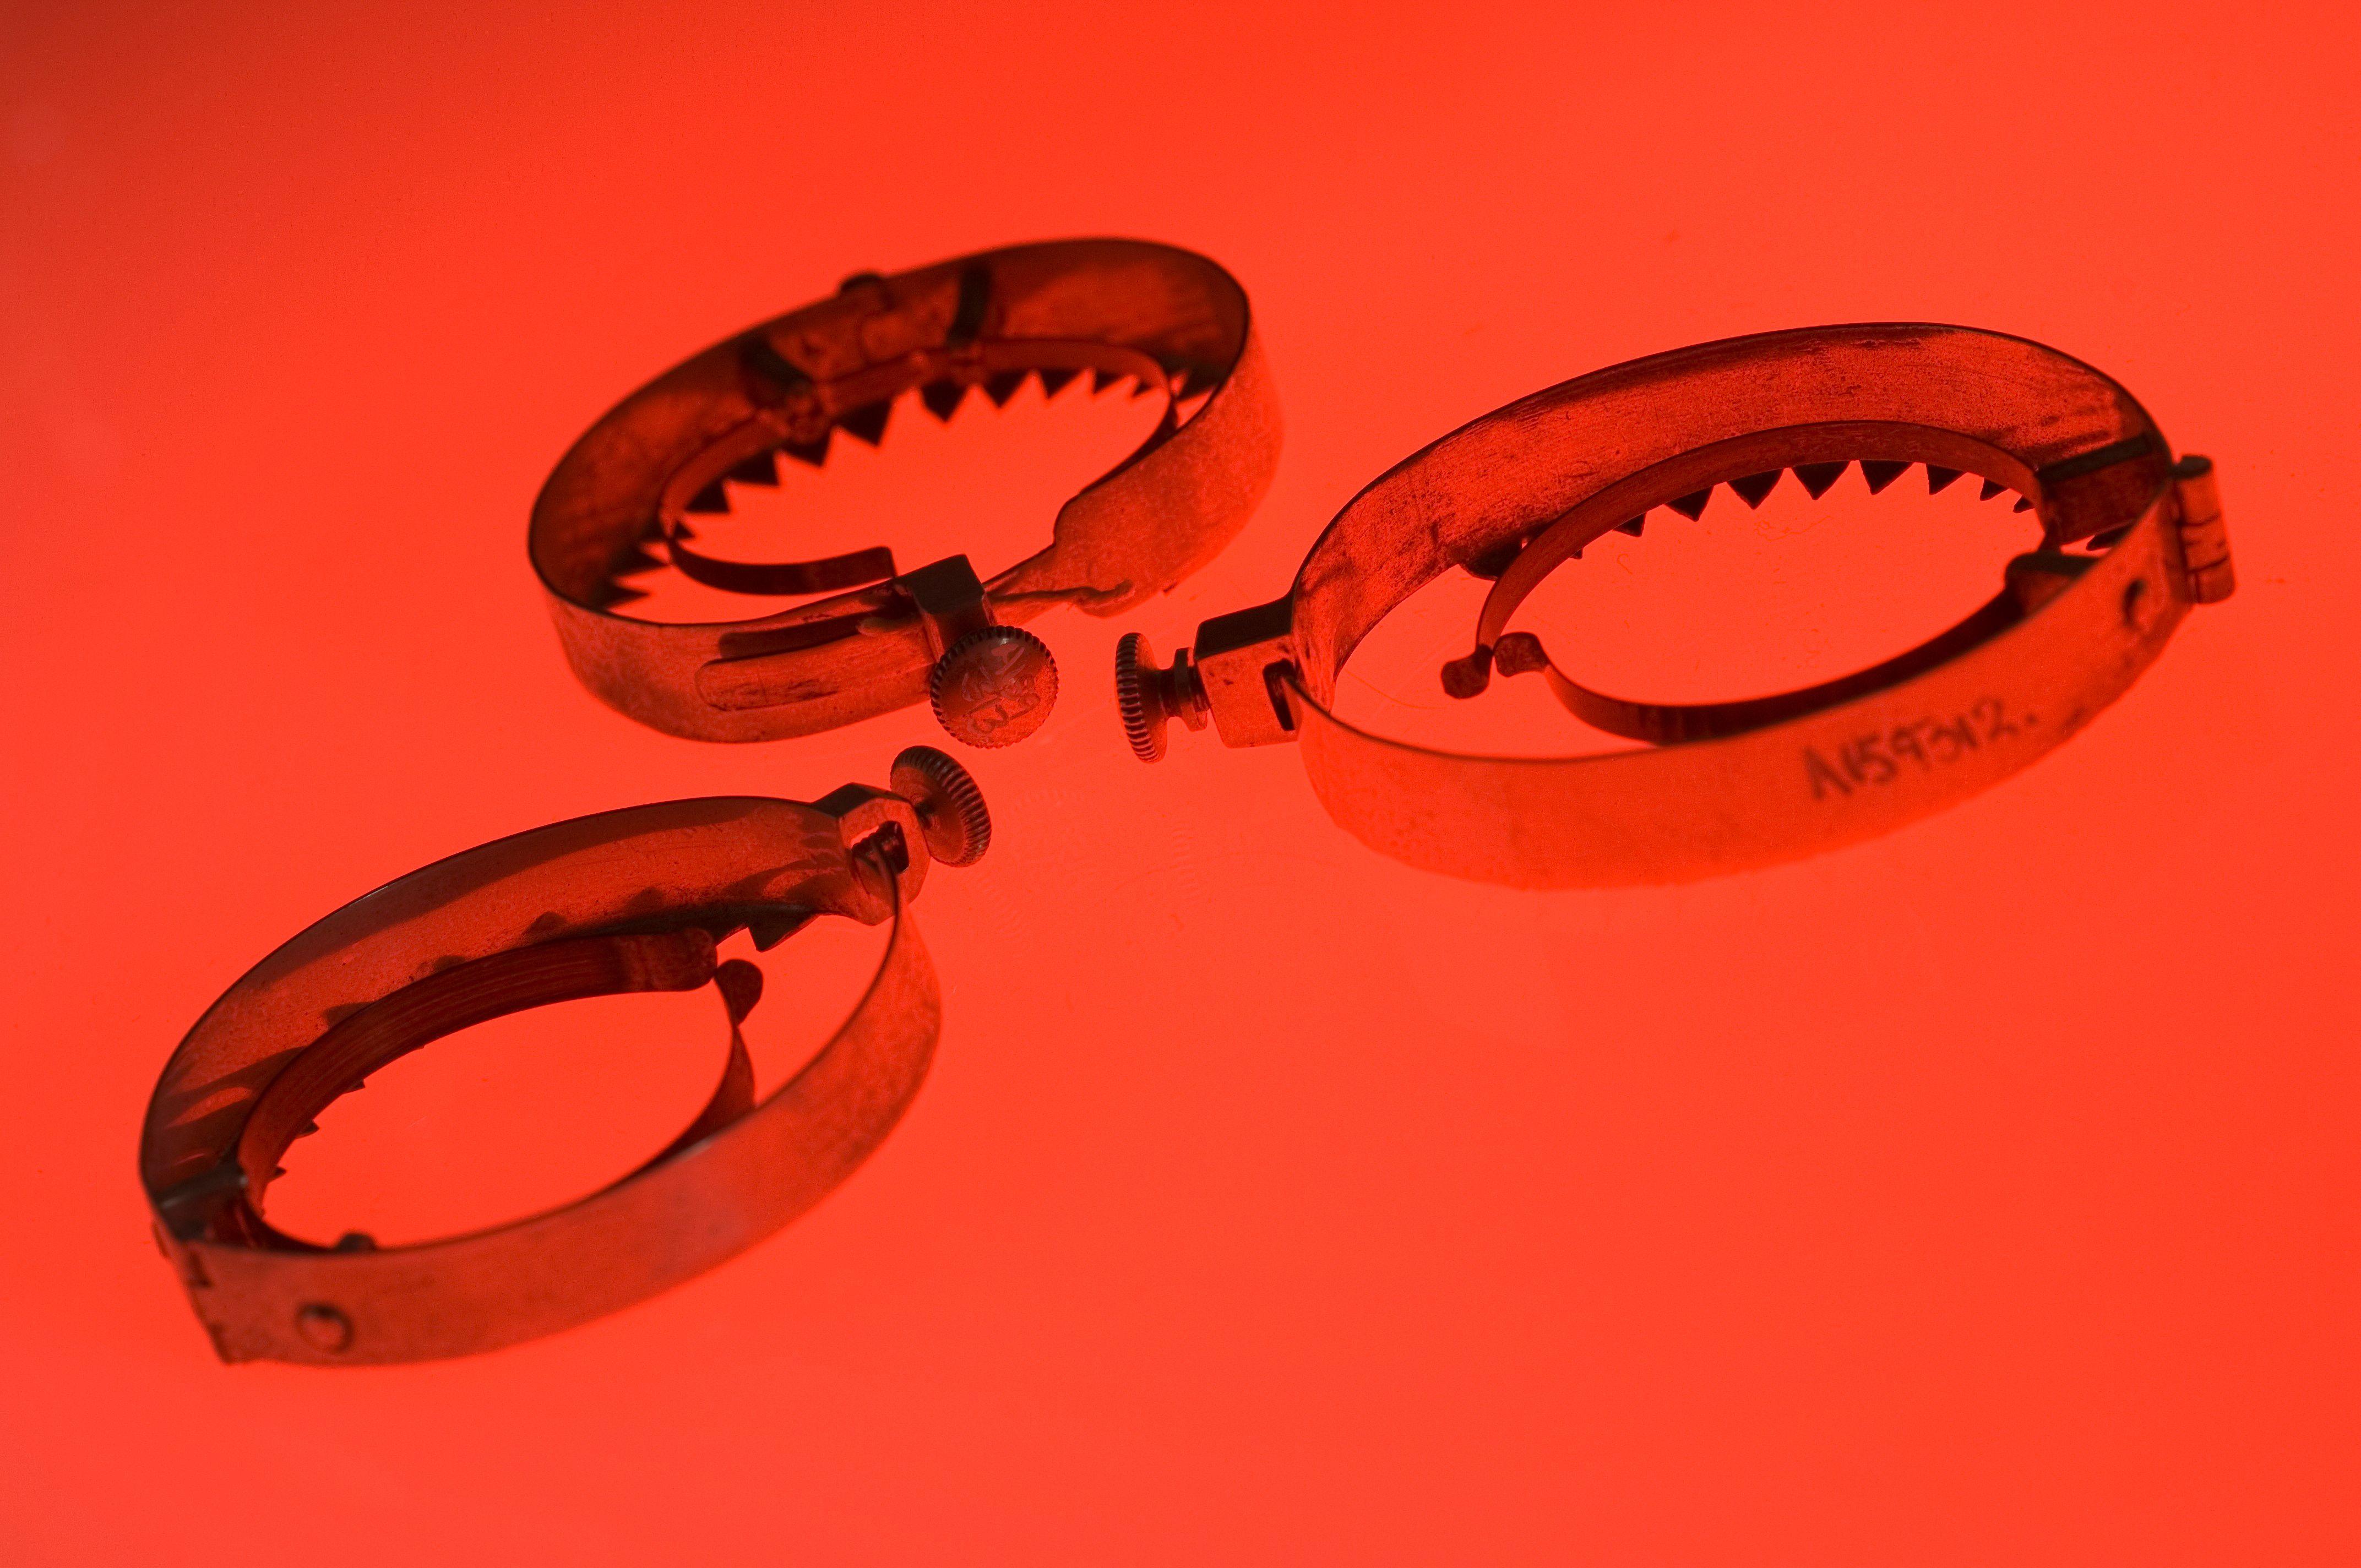 Tapco brake vynal strip parts